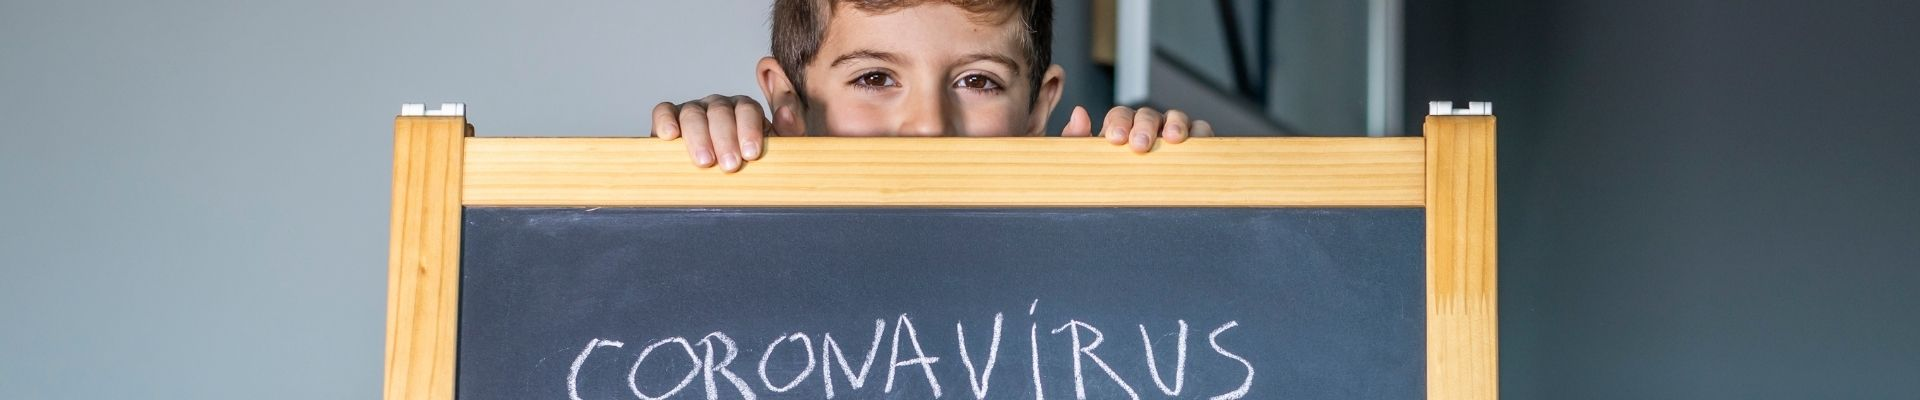 Little boy with Coronavirus sign